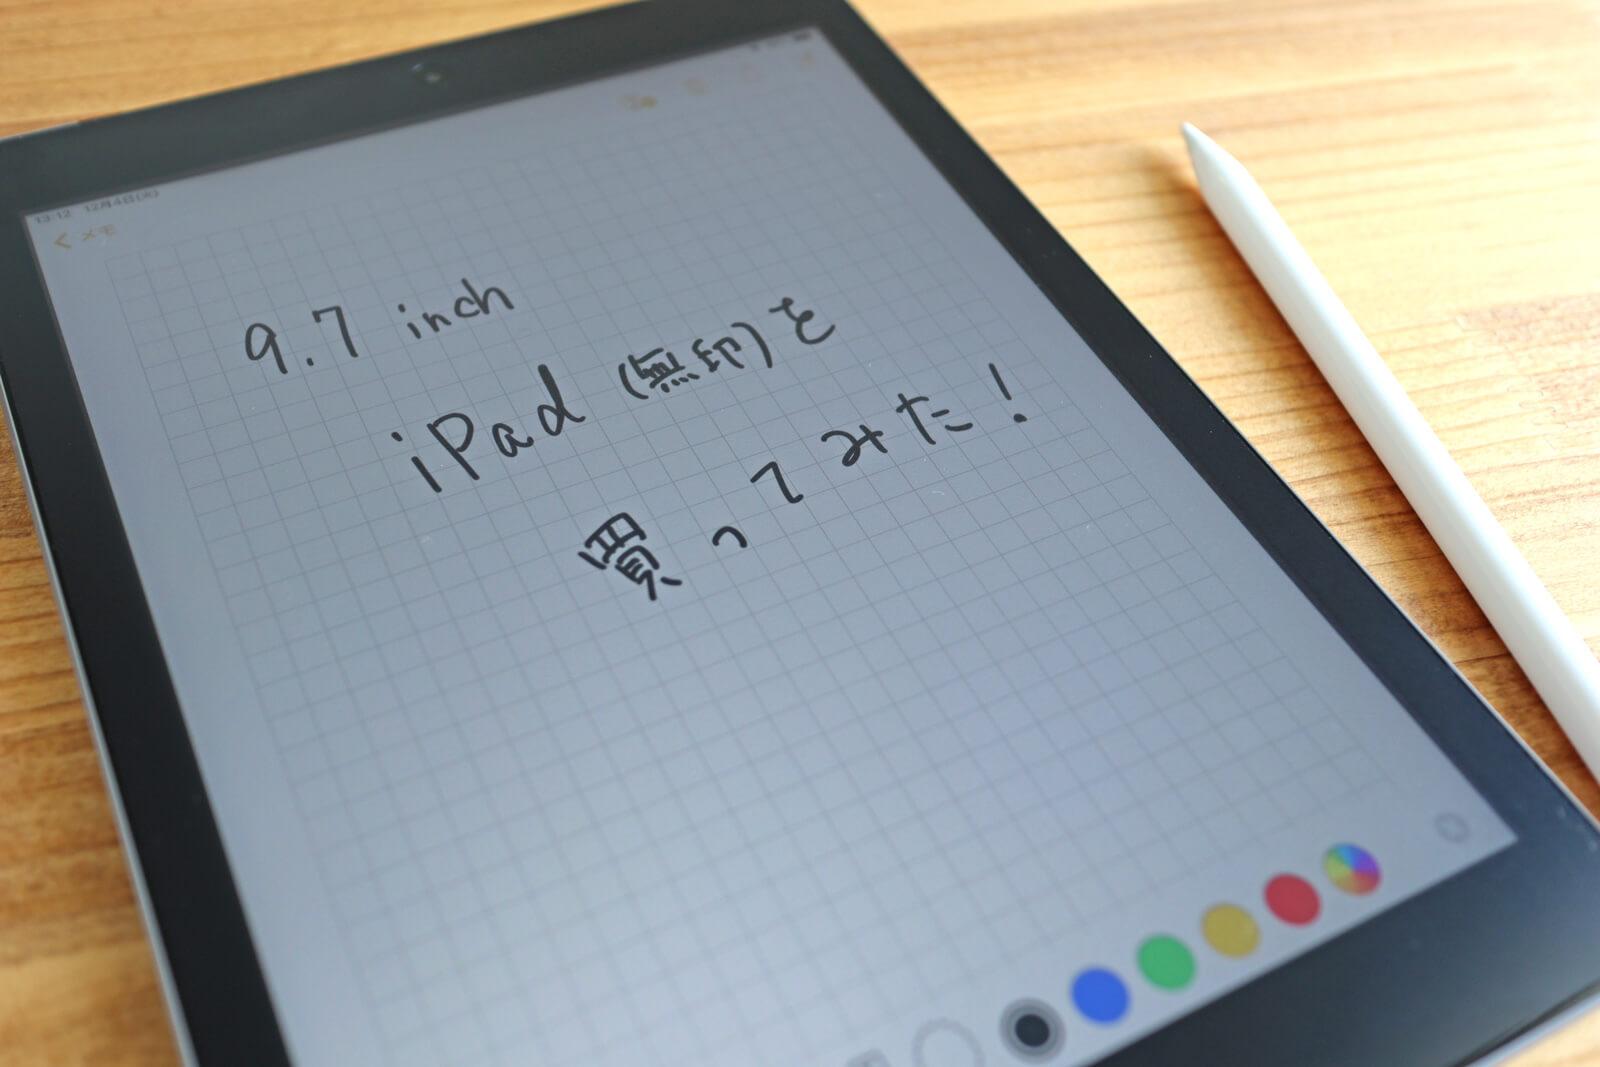 手書きメモをデジタル化したくて、今更ながら9.7インチiPad(第6世代)を買ってしまった。